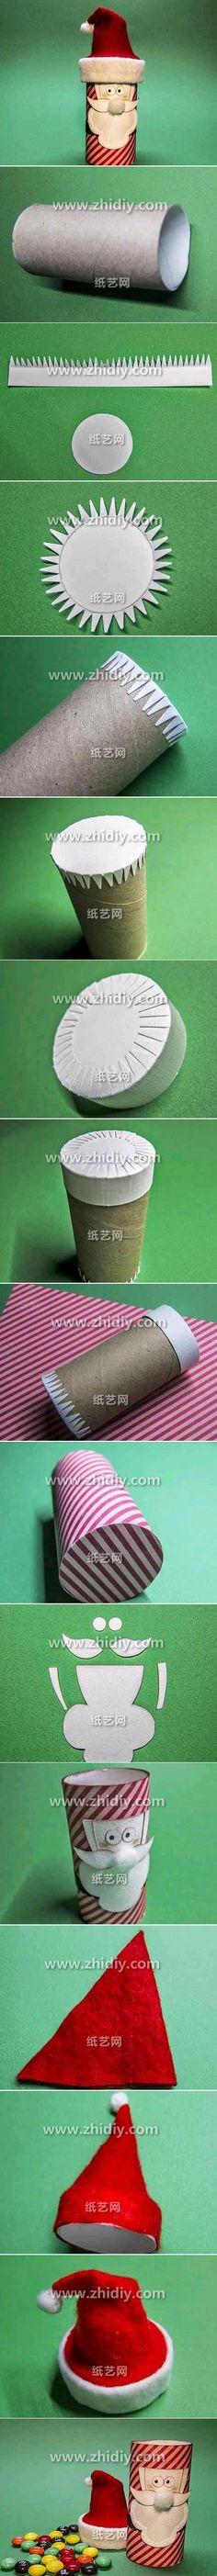 DIY Toilet Paper Roll Santa Claus